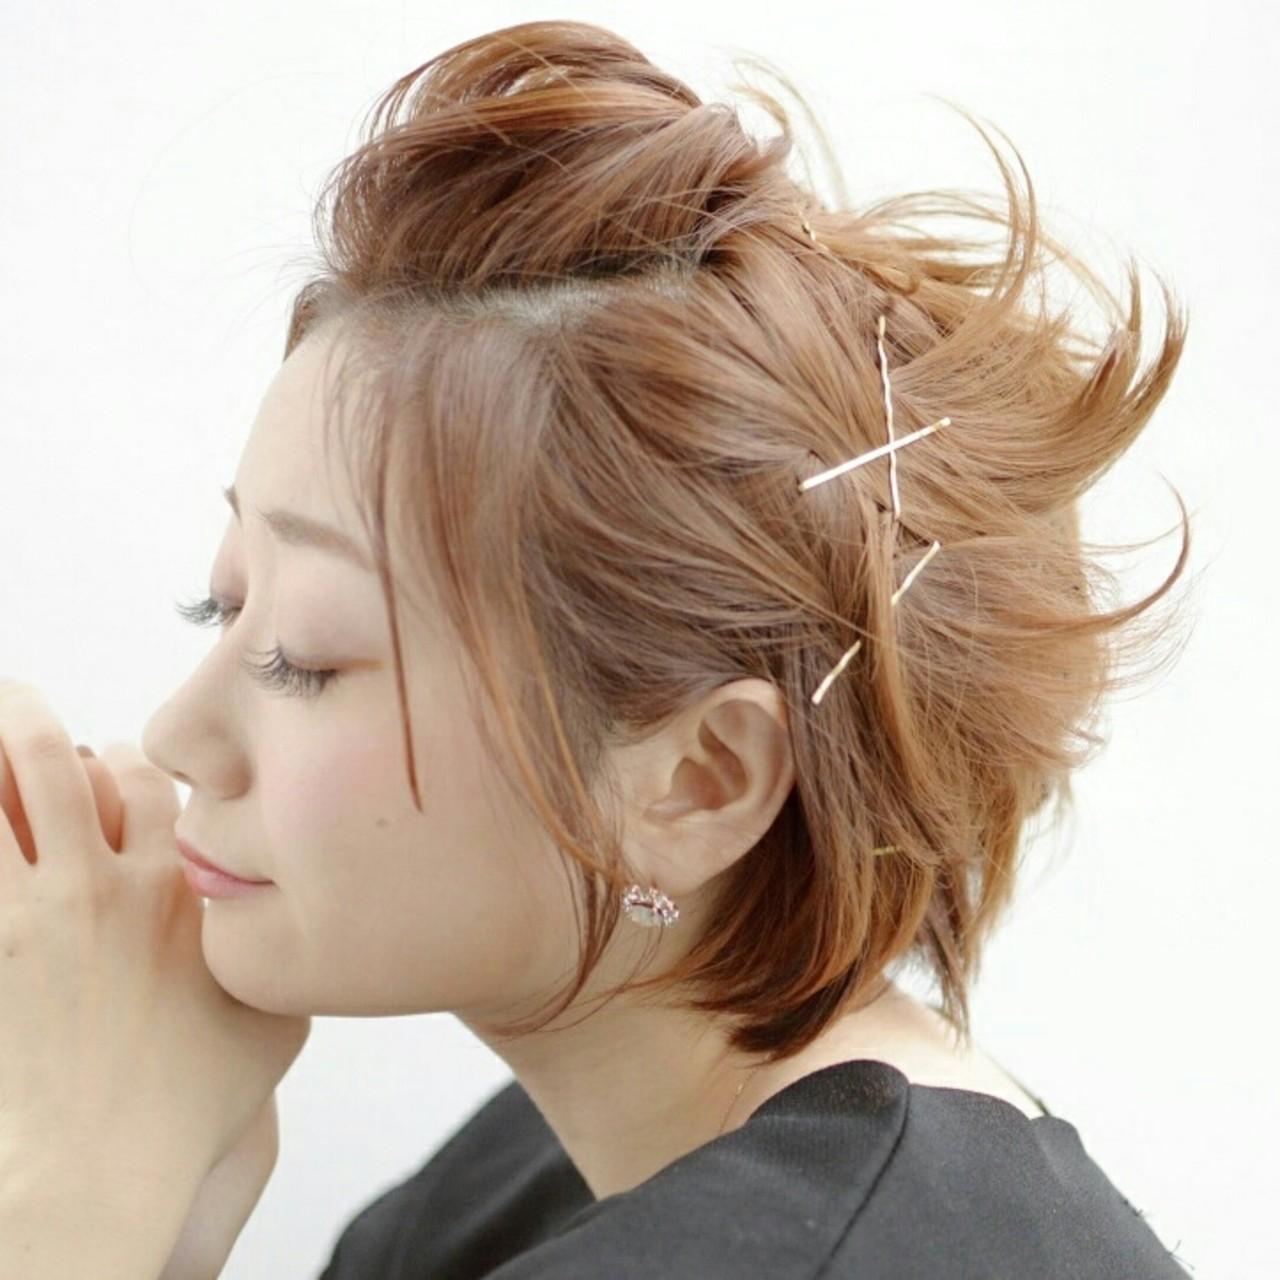 ポンパドール のやり方をマスター 髪型の簡単アップスタイル紹介